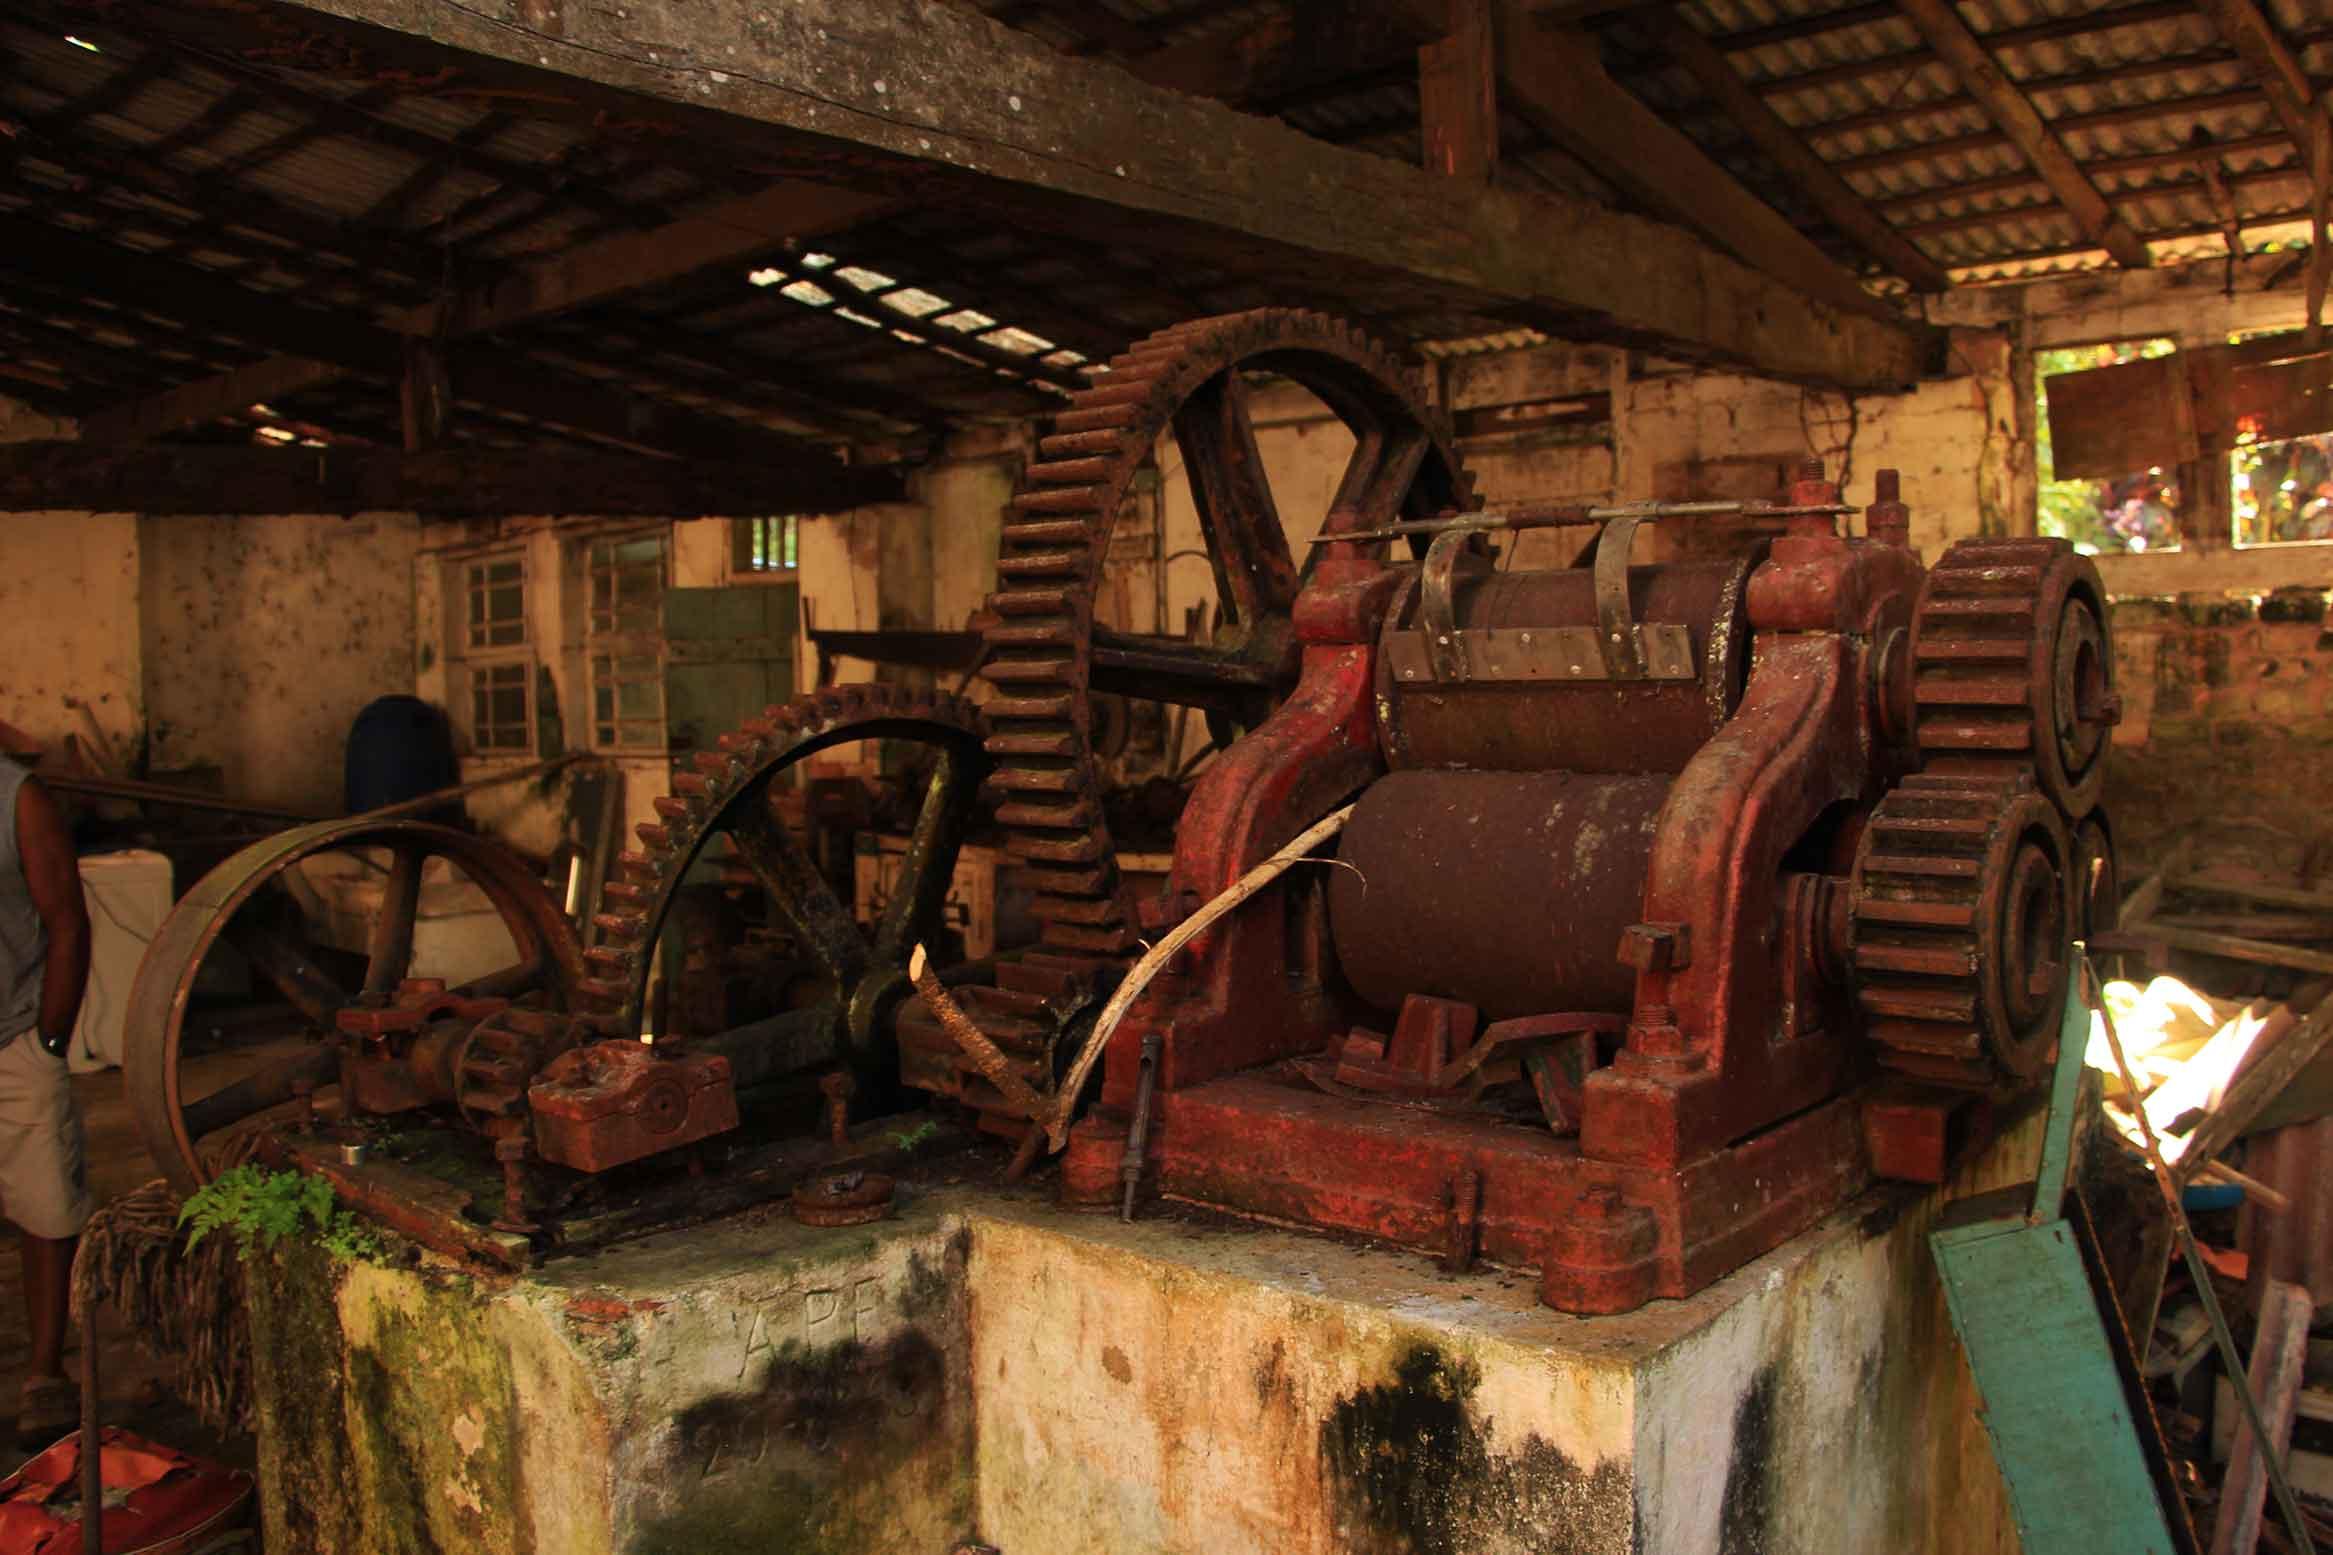 Moenda de cana-de-açúcar. cultivo próspero no Morro da Nova Cintra